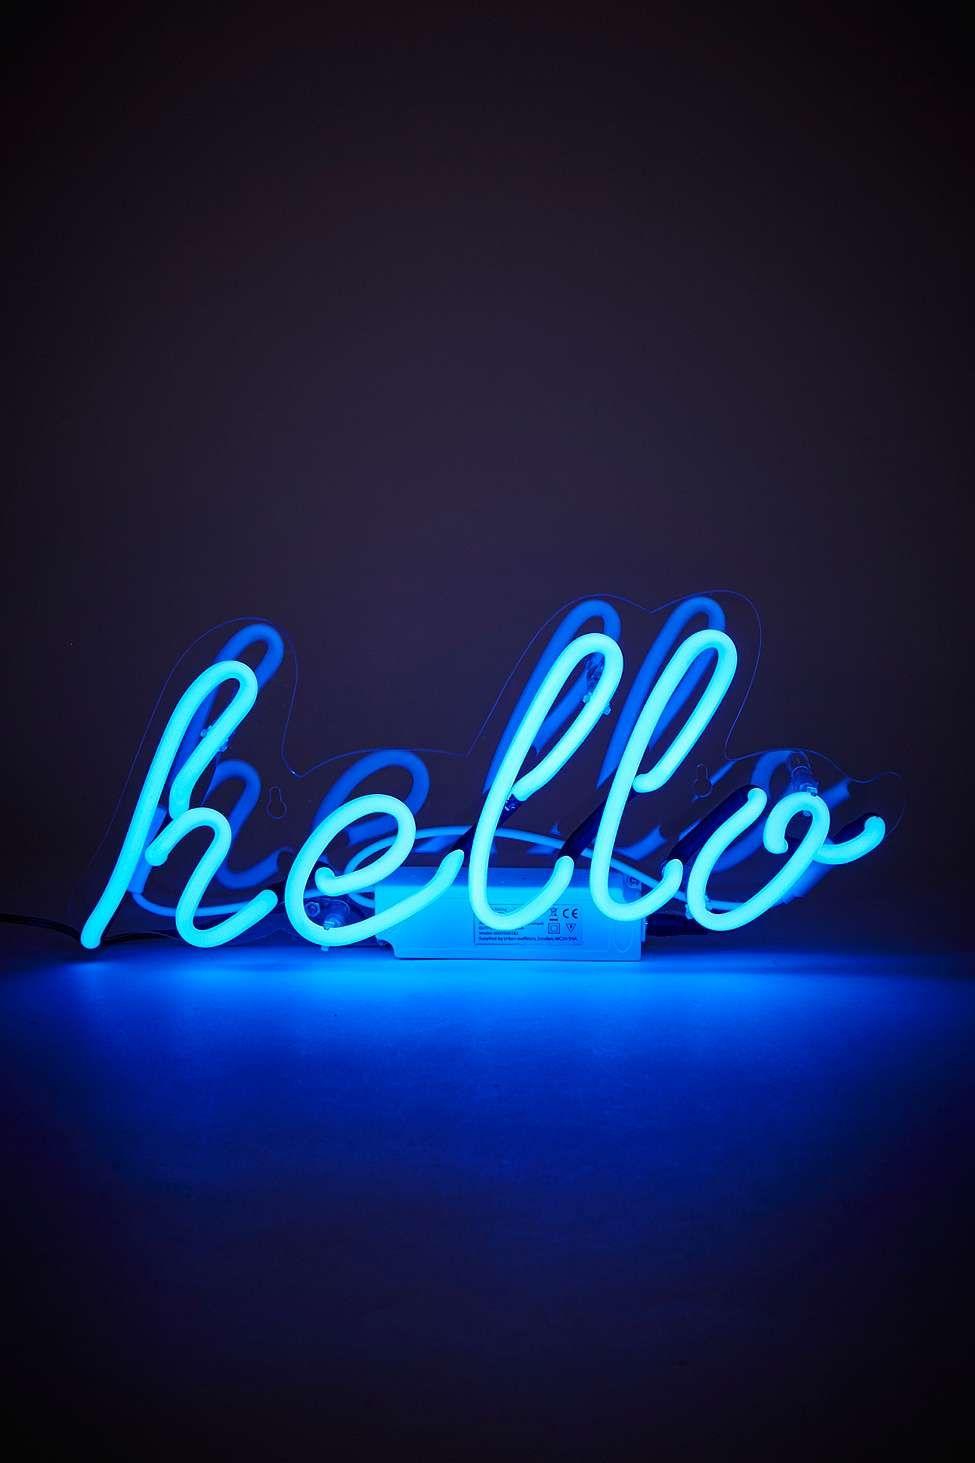 Leuchtender Neon Schriftzug Hello